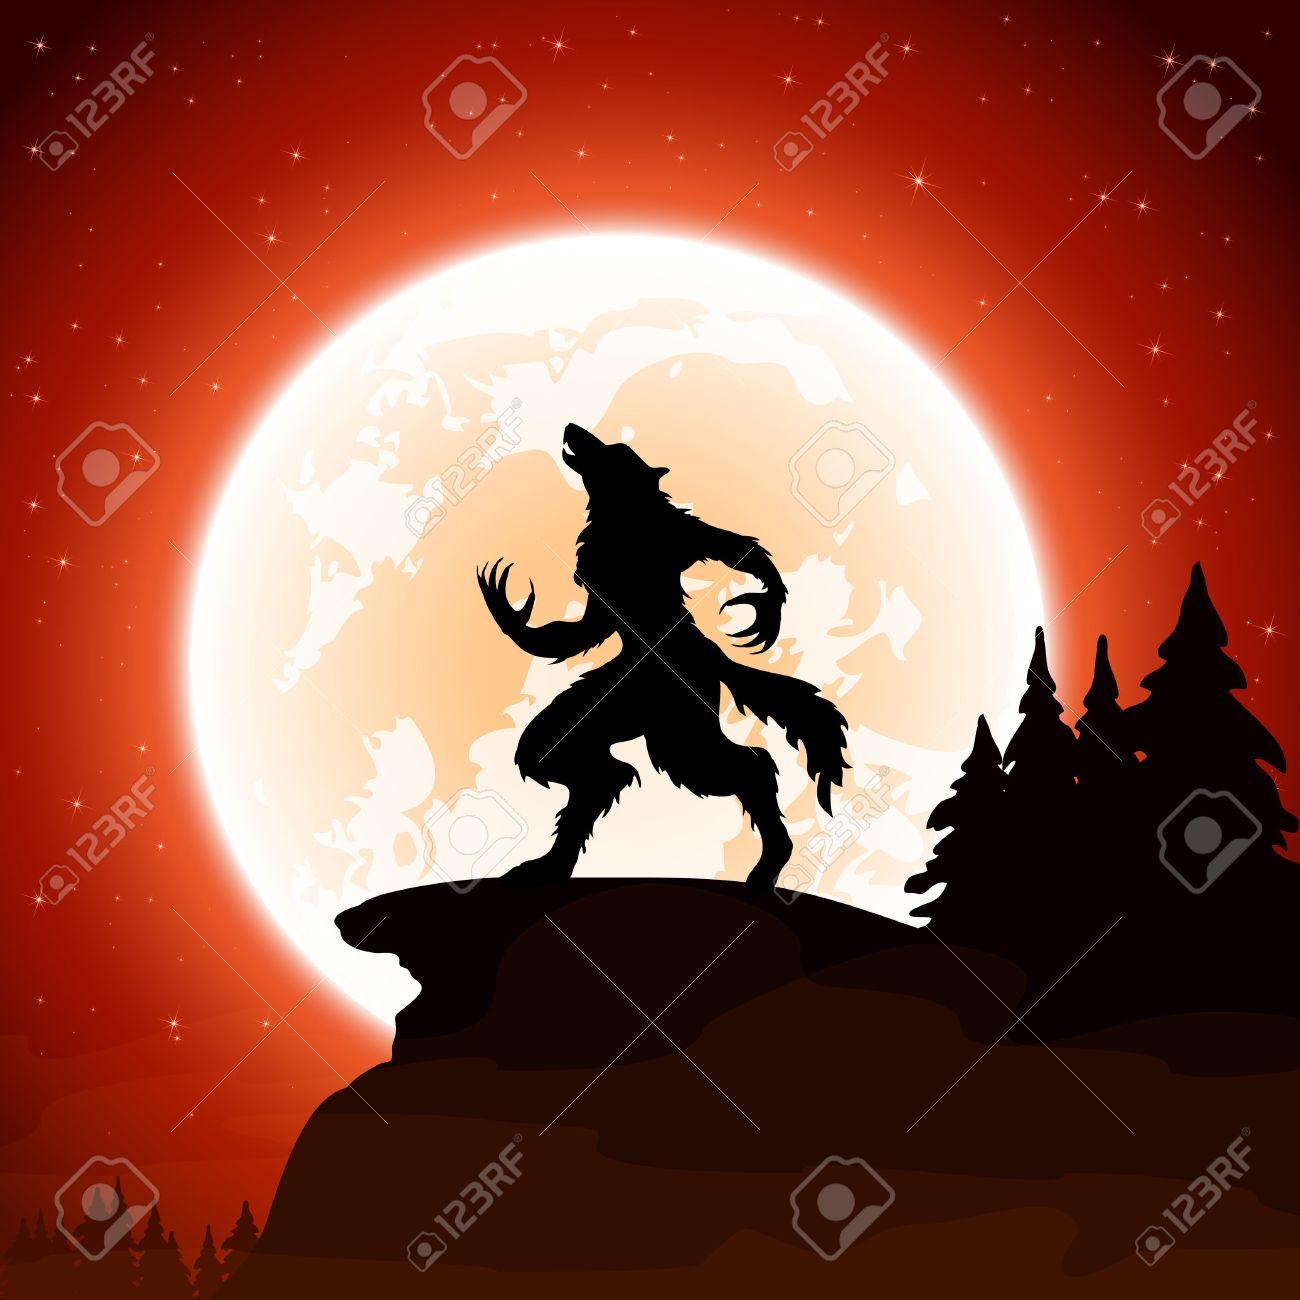 Halloween night and werewolf on Moon background, illustration. - 45061324